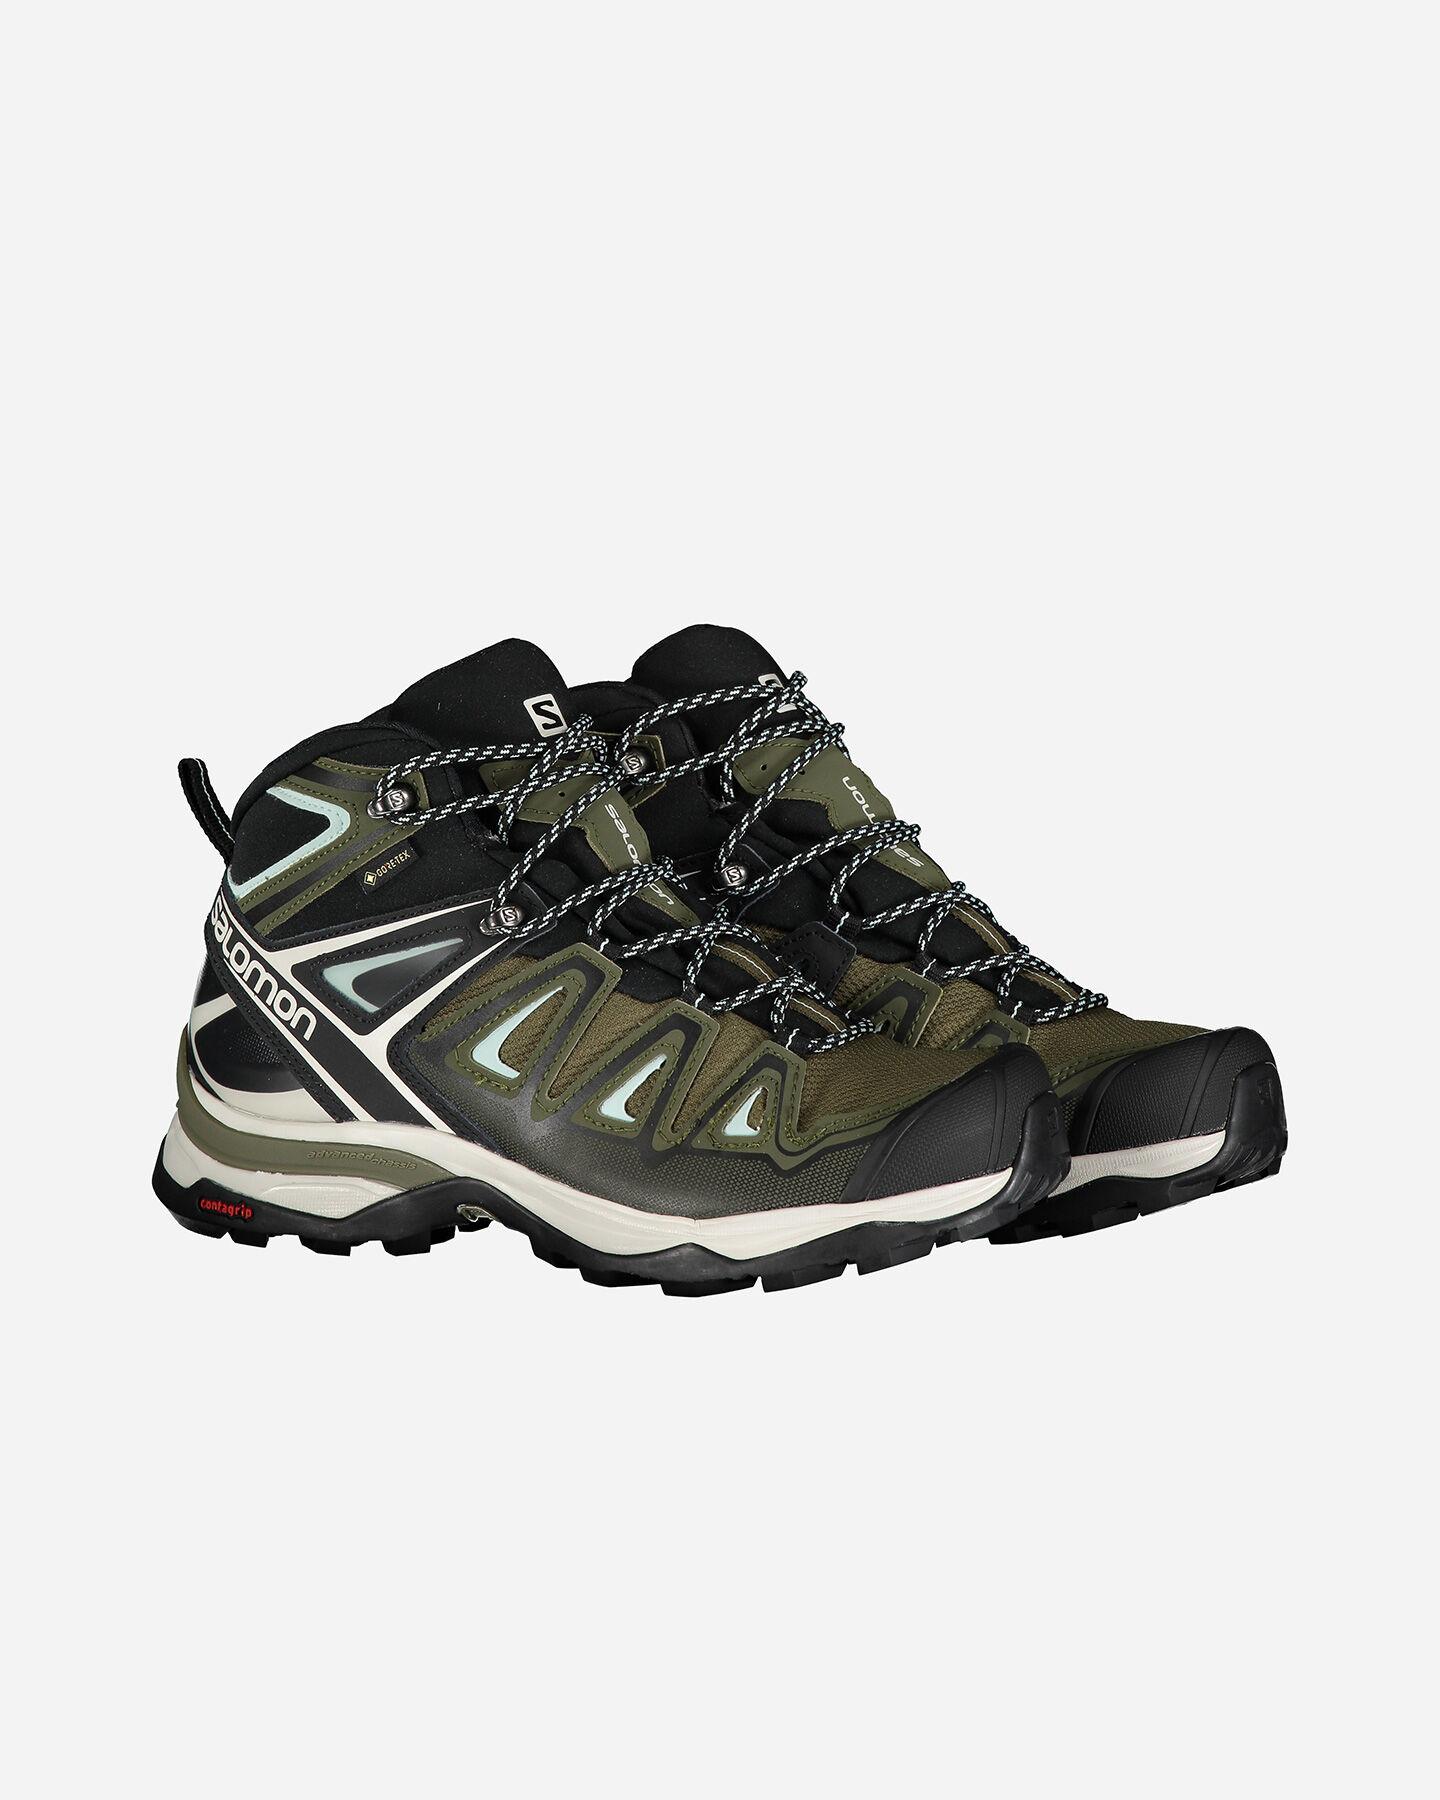 Scarpe escursionismo SALOMON X ULTRA 3 MID GTX W S5240637 scatto 1